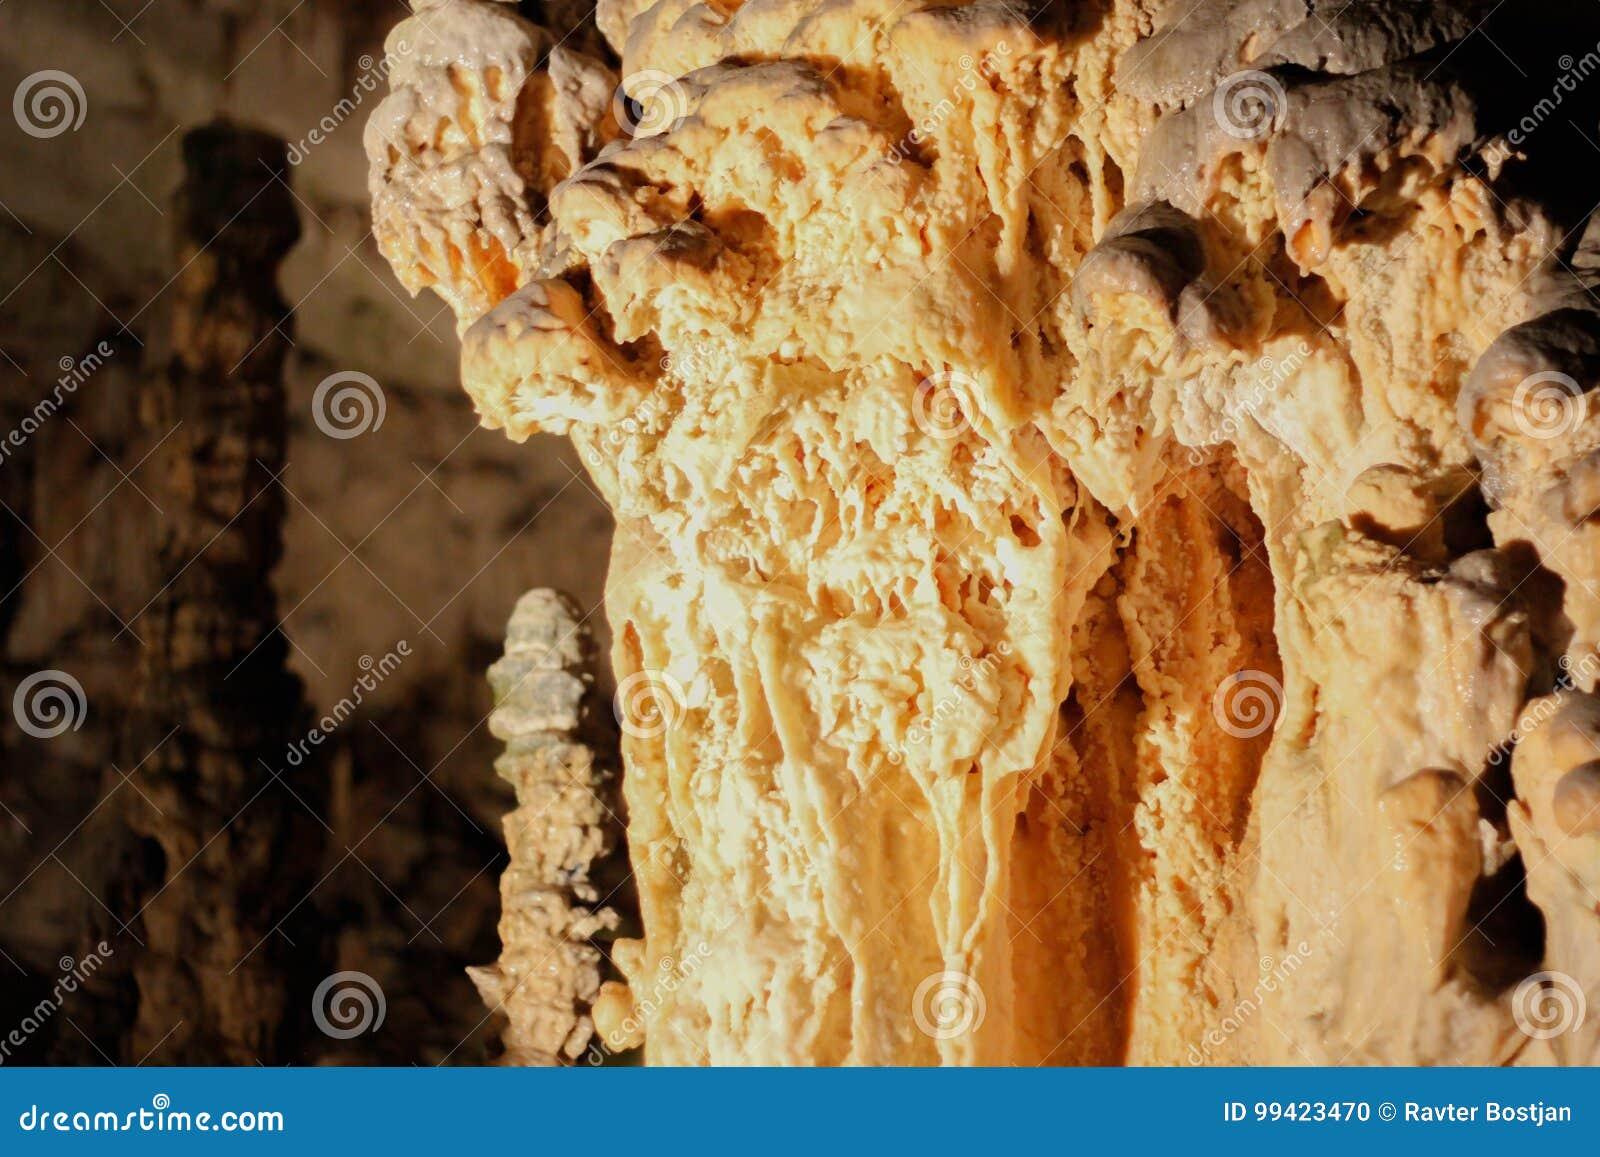 Postojnska jama   Höhle   Grotte